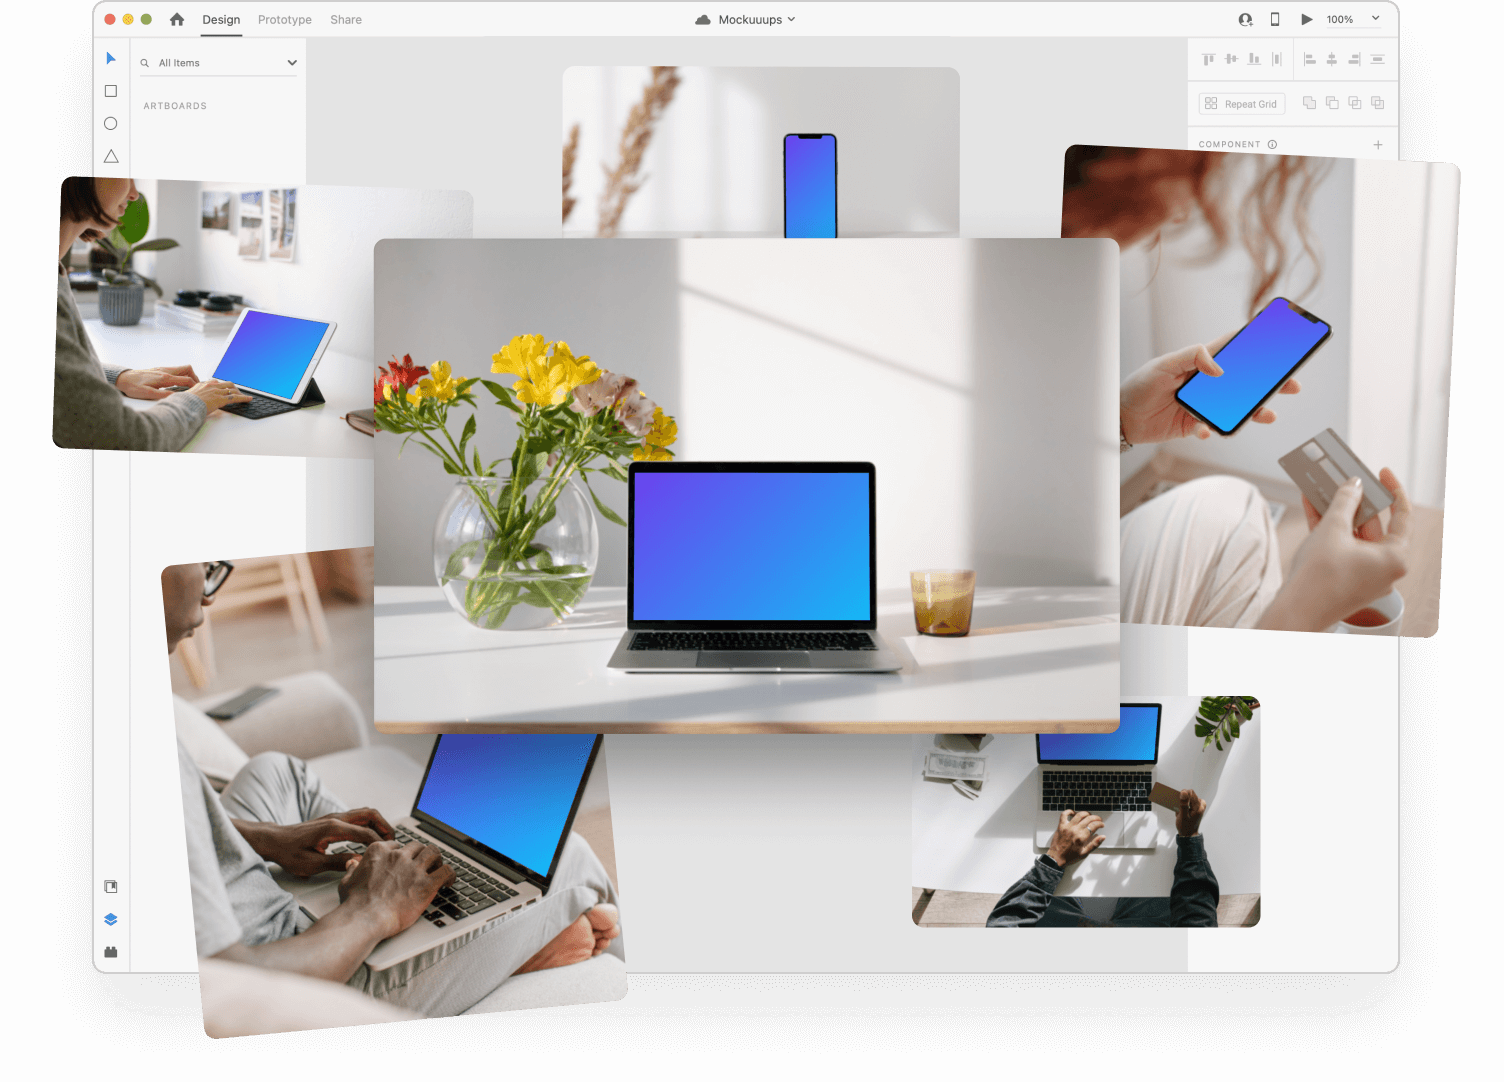 Mockup Plugin for Adobe XD